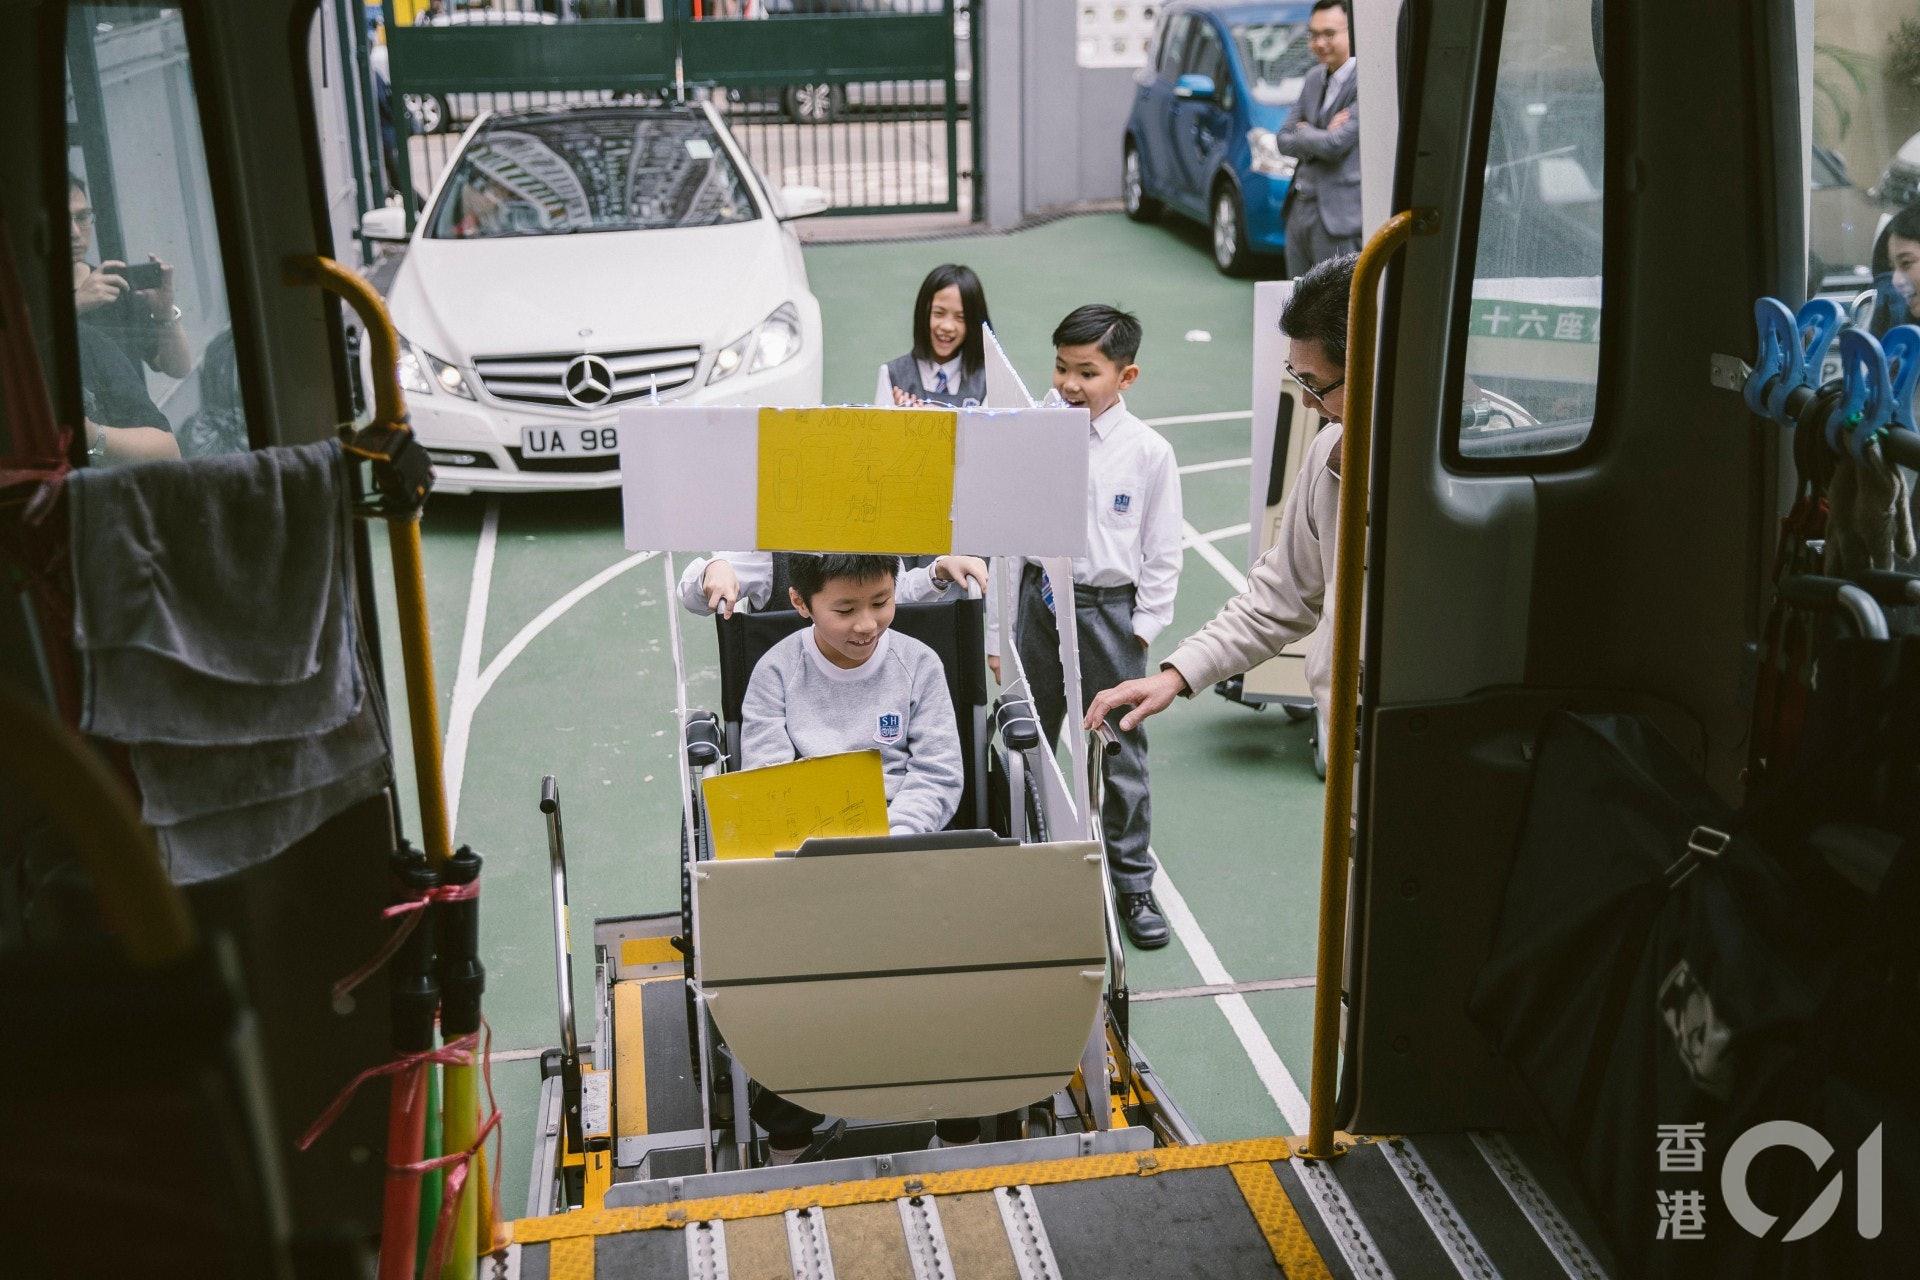 坐上輪椅的學生們,更體驗登上復康巴士的感覺。(鄭子峰攝)